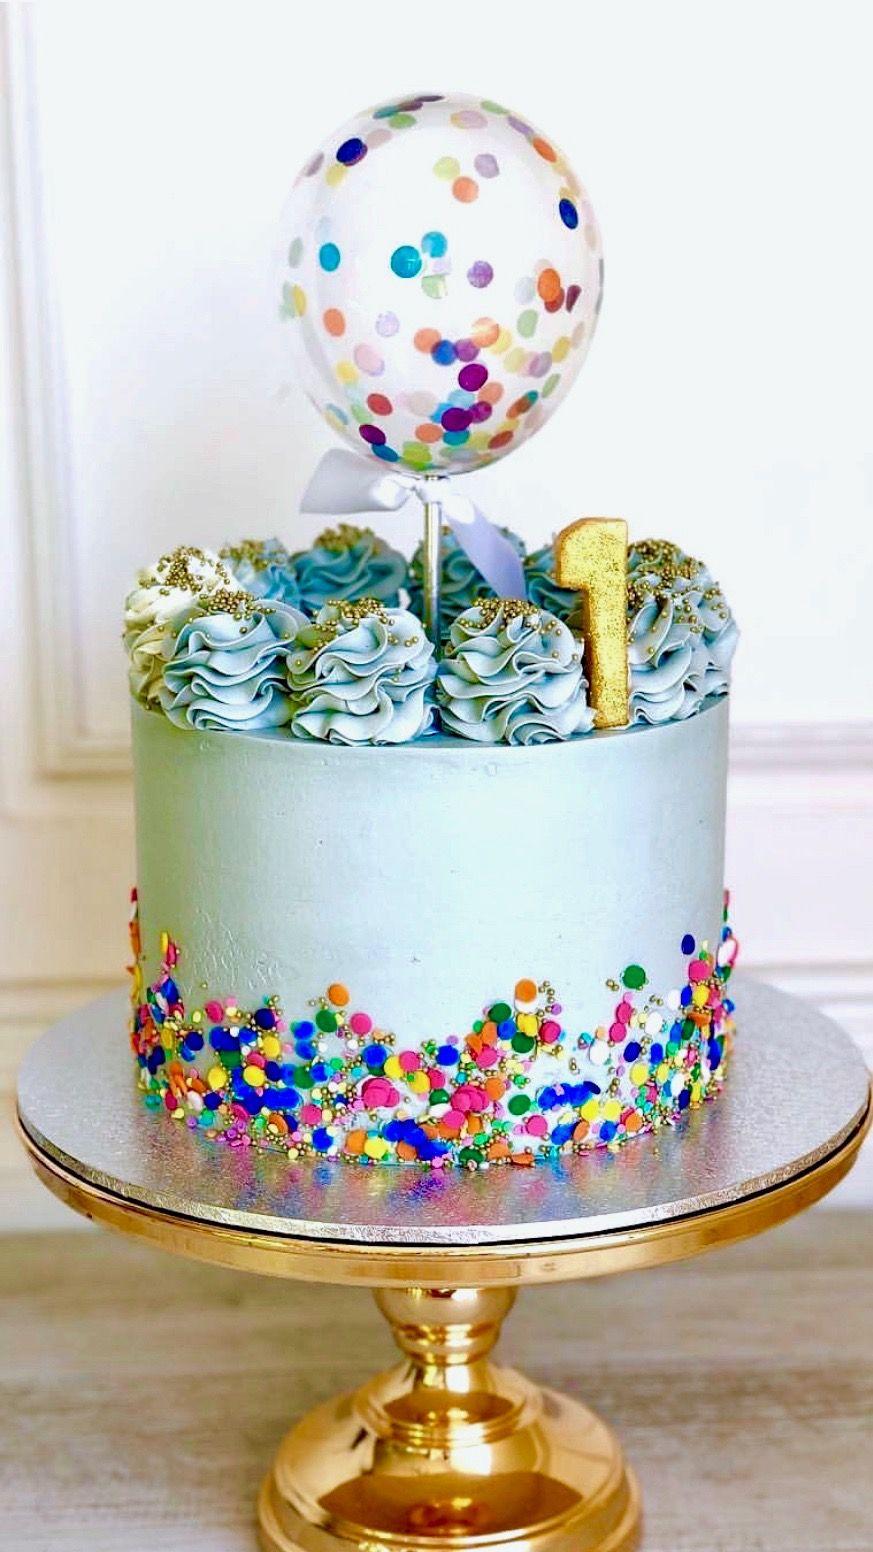 Posh Little Cakes Buttercream cake designs, Bithday cake